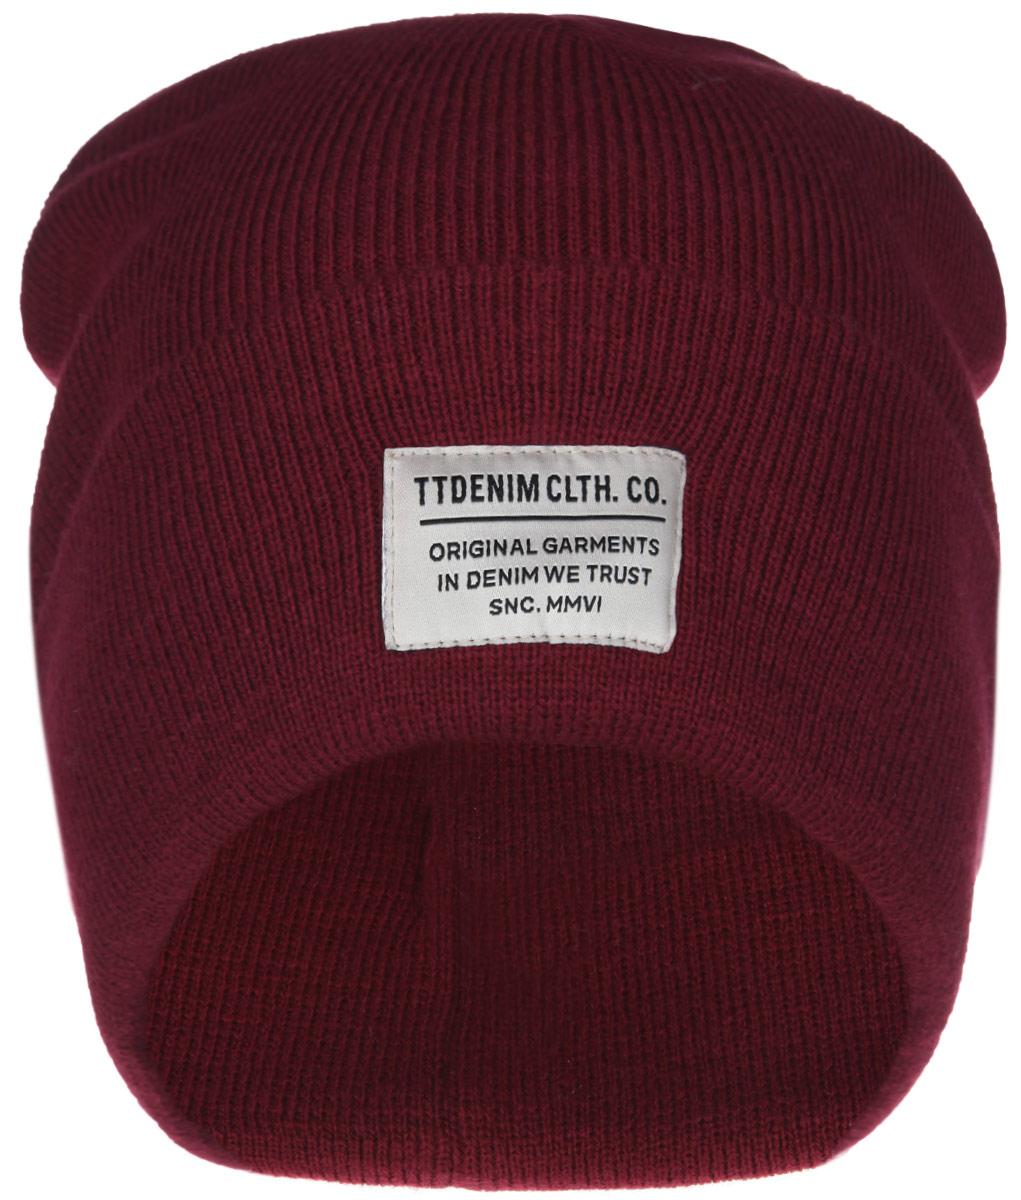 Шапка мужская. 0219447.00.120219447.00.12_2143Стильная мужская шапка Tom Tailor Denim дополнит ваш наряд и не позволит вам замерзнуть в холодное время года. Шапка с отворотом выполнена из высококачественной акриловой пряжи, что позволяет ей великолепно сохранять тепло и обеспечивает высокую эластичность и удобство посадки. Такая шапка станет модным и стильным дополнением вашего зимнего гардероба, великолепно подойдет для активного отдыха и занятия спортом. Она согреет вас и позволит подчеркнуть свою индивидуальность!